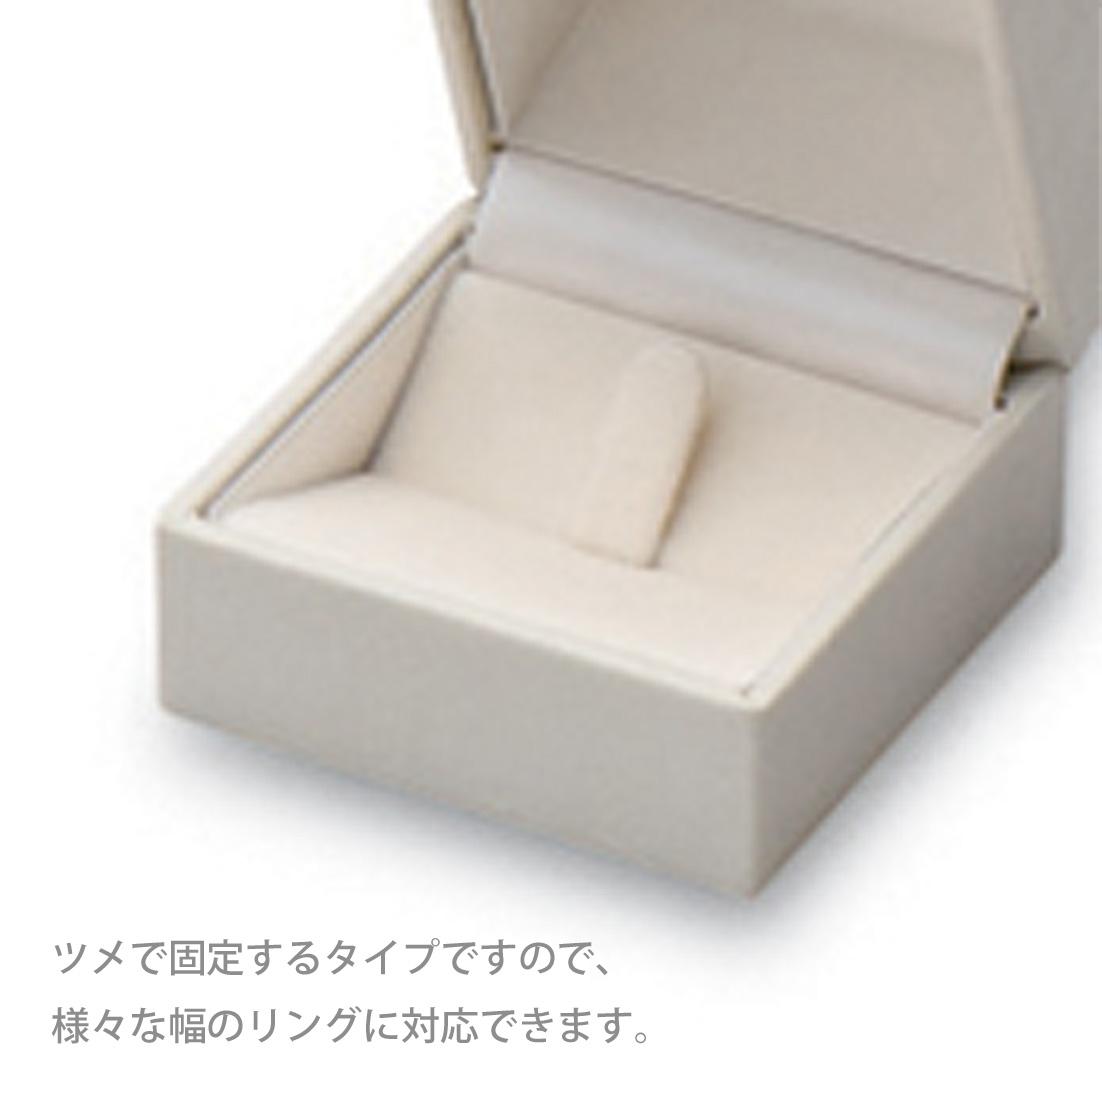 CB-790RL 幅広リング用爪式(12個入) 1個あたり¥601